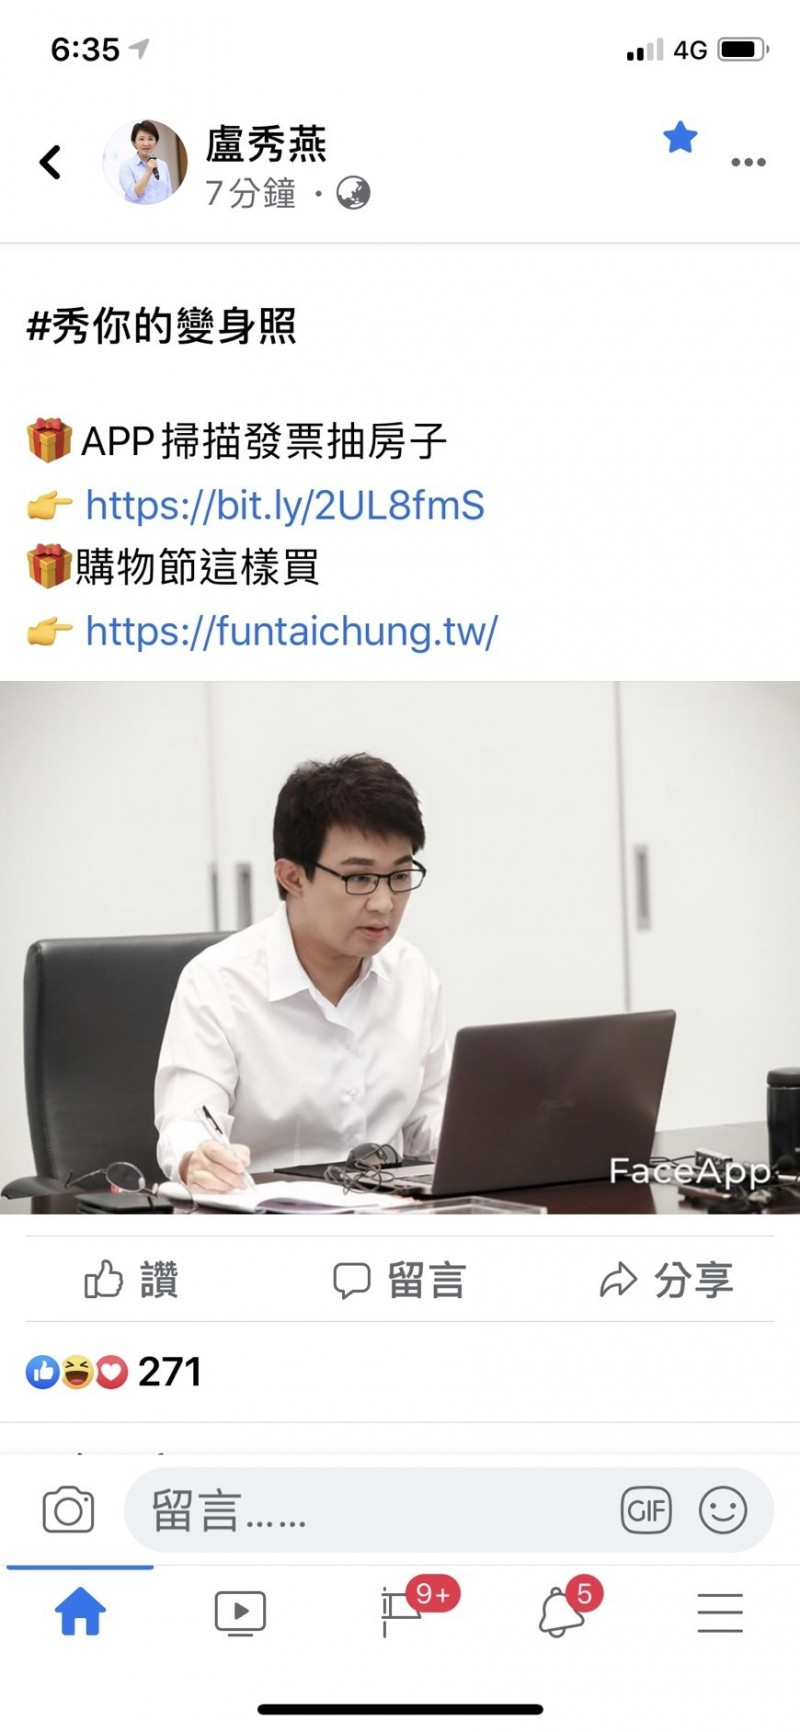 端午前夕盧秀燕臉書曬變身照,網友驚呼「主席好」。(圖:擷取盧秀燕臉書)